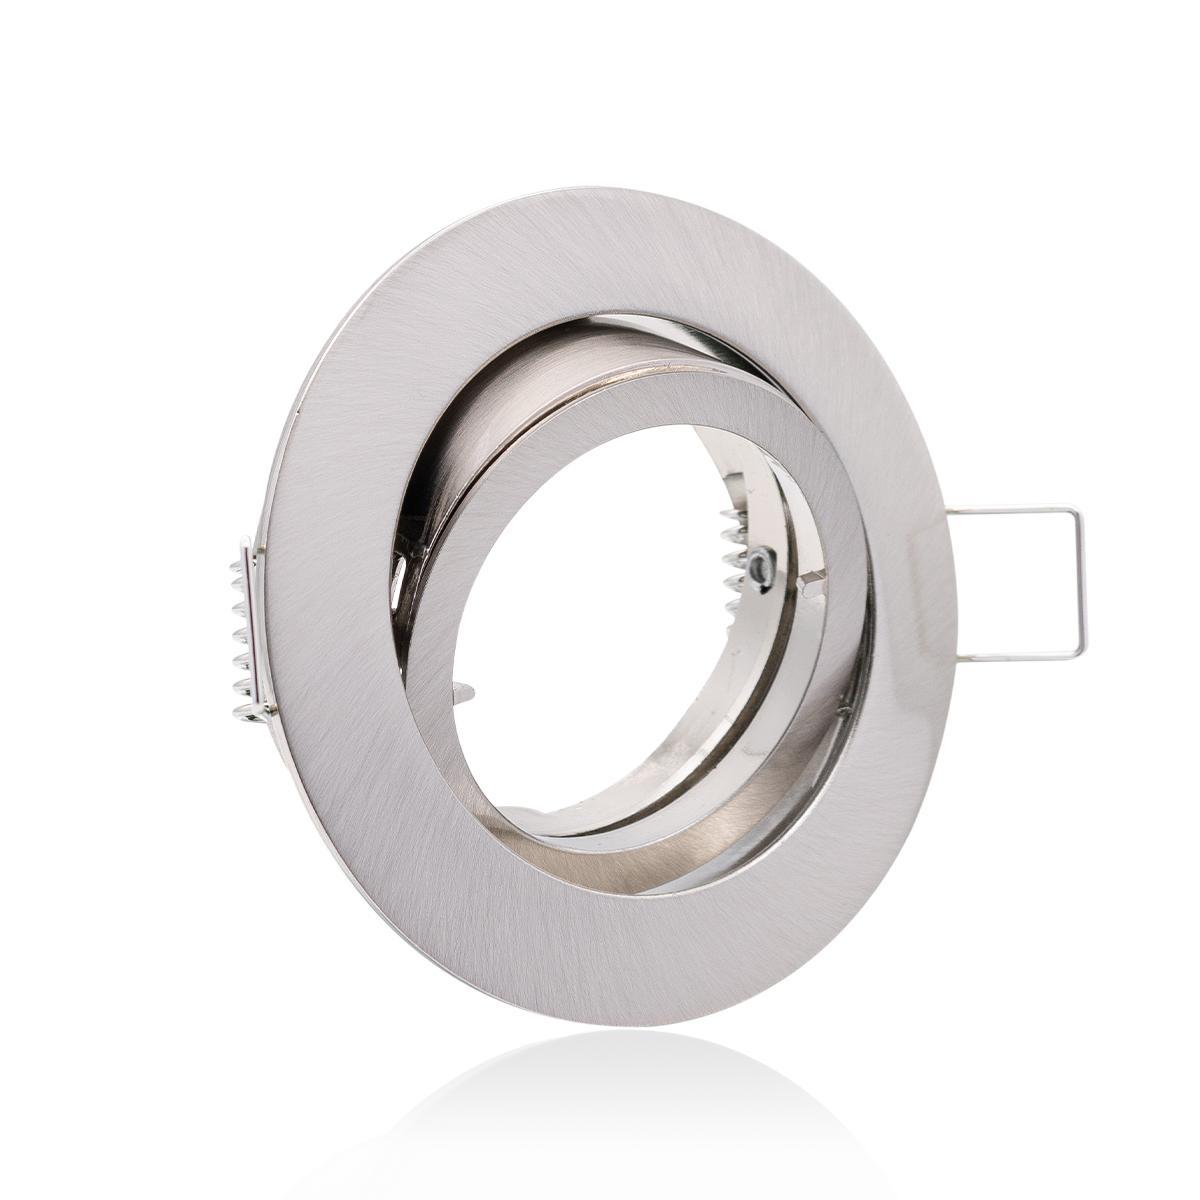 Einbaustrahler  Rahmen rund Edelstahl gebürstet Optik schwenkbar Ring Decken Spot Bajonettverschluss